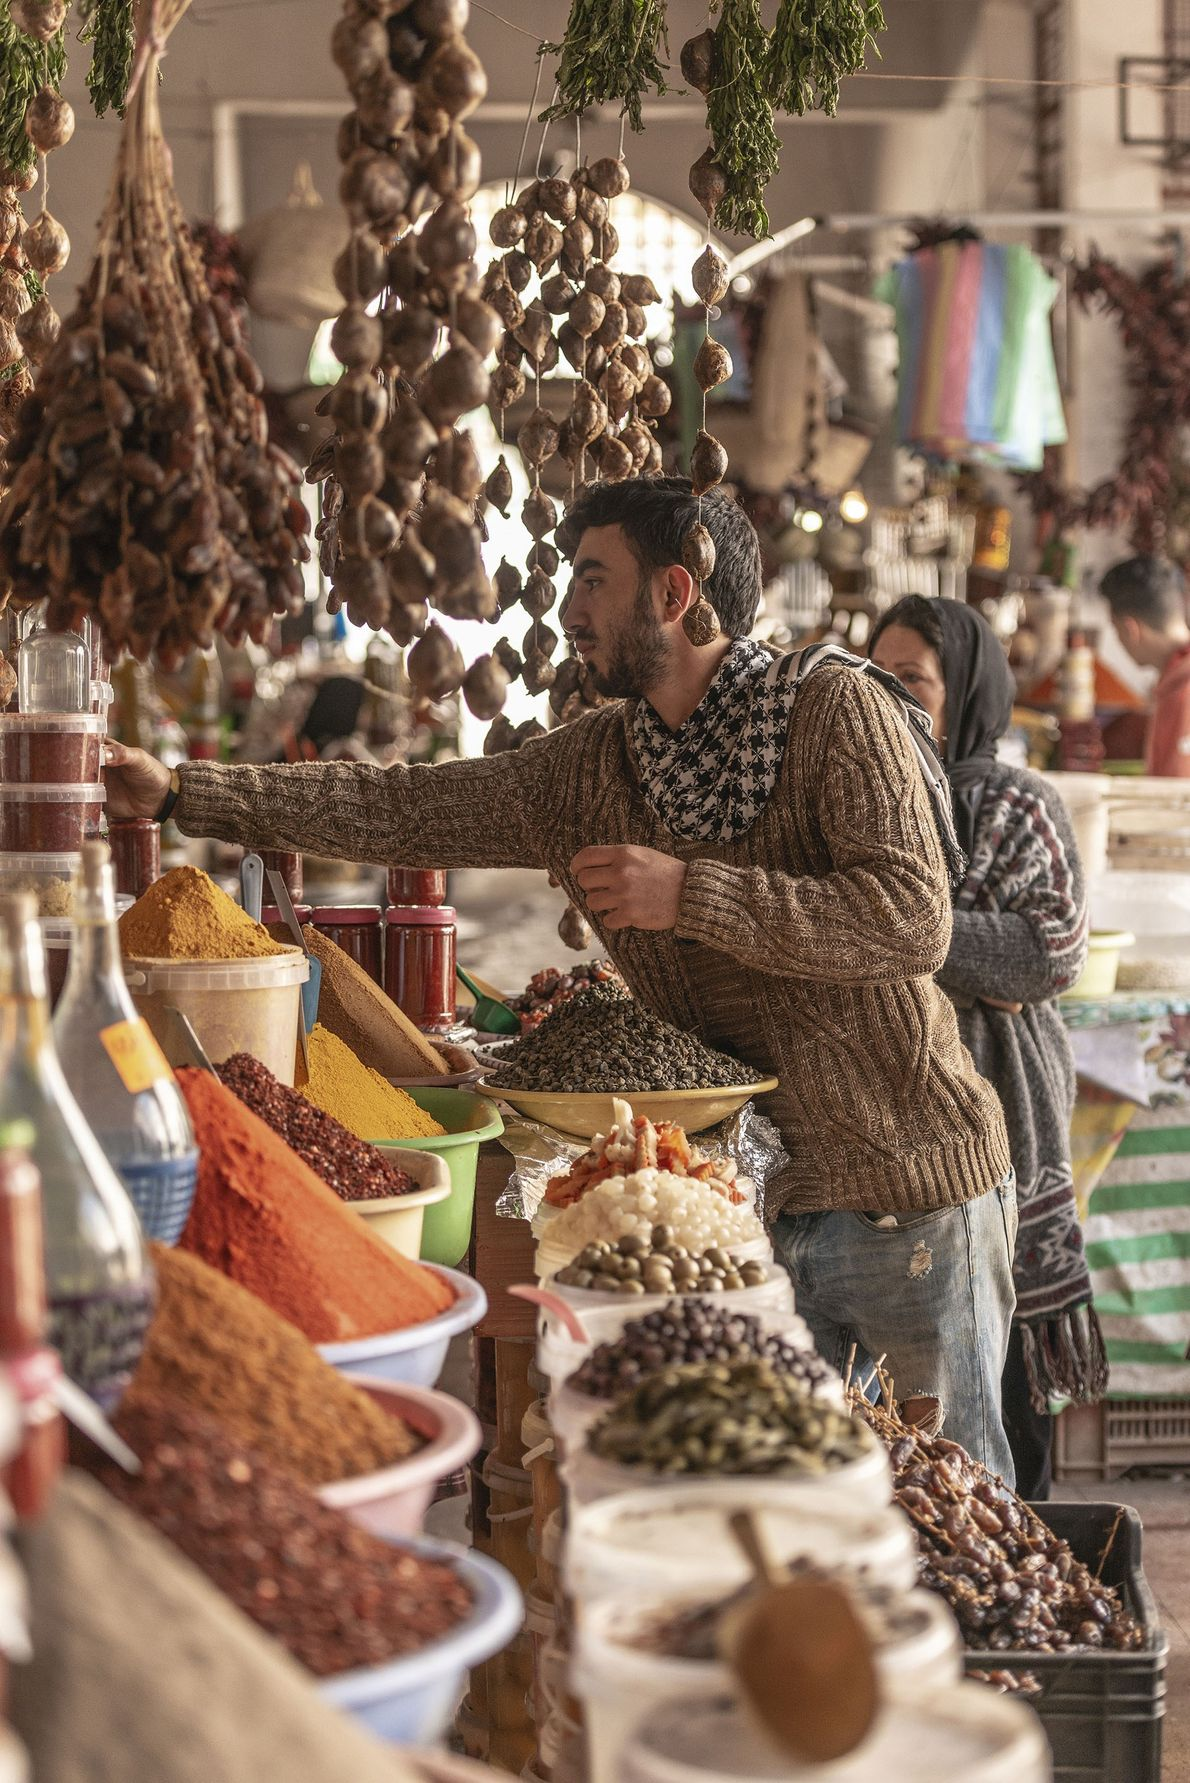 Spice market, Nabeul.